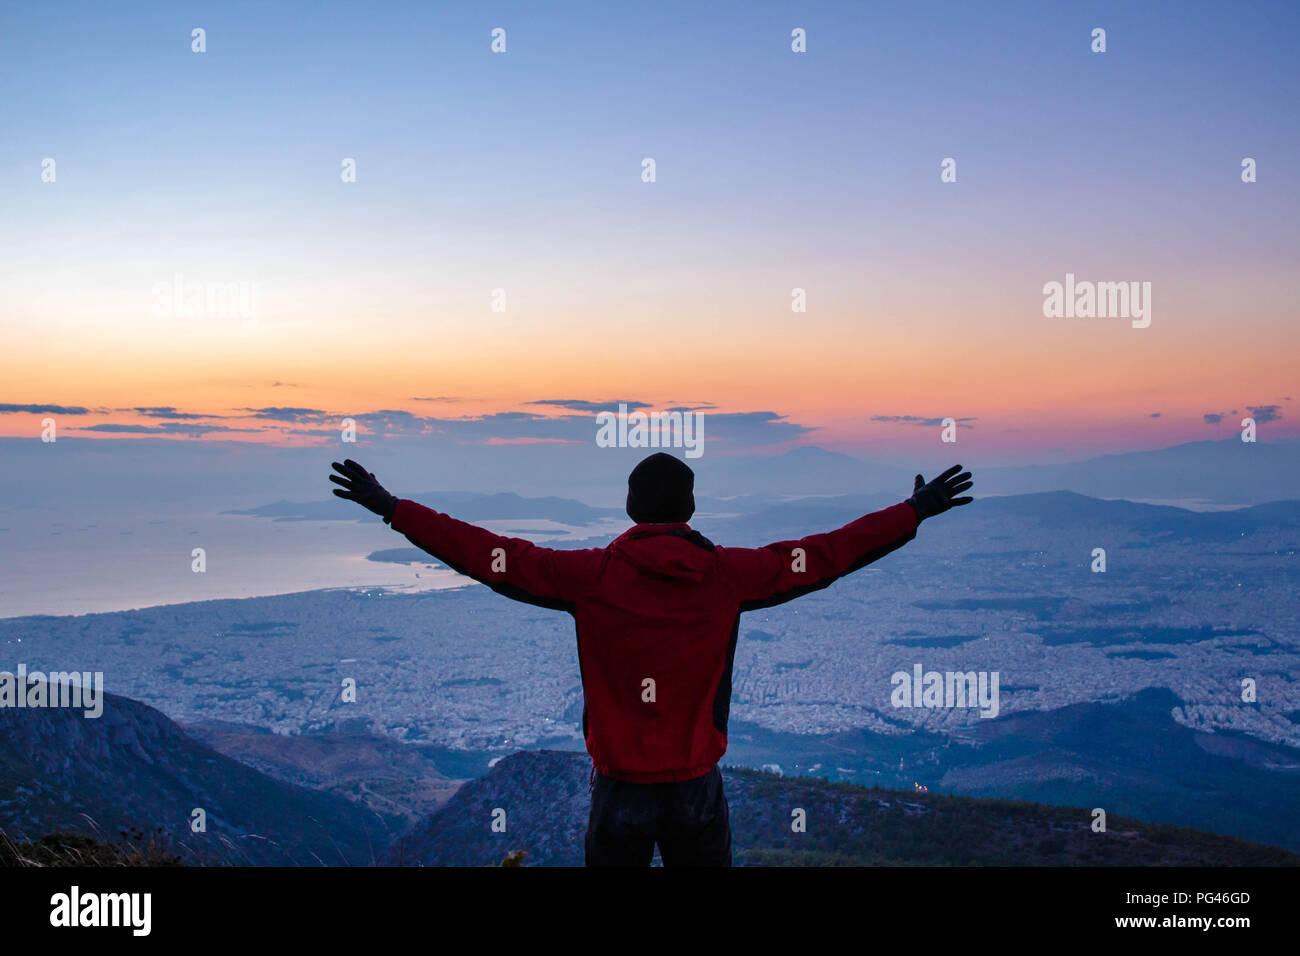 El éxito! Lograr tus sueños, conquistar la cima de la montaña. Sunset de Atenas Grecia Imagen De Stock